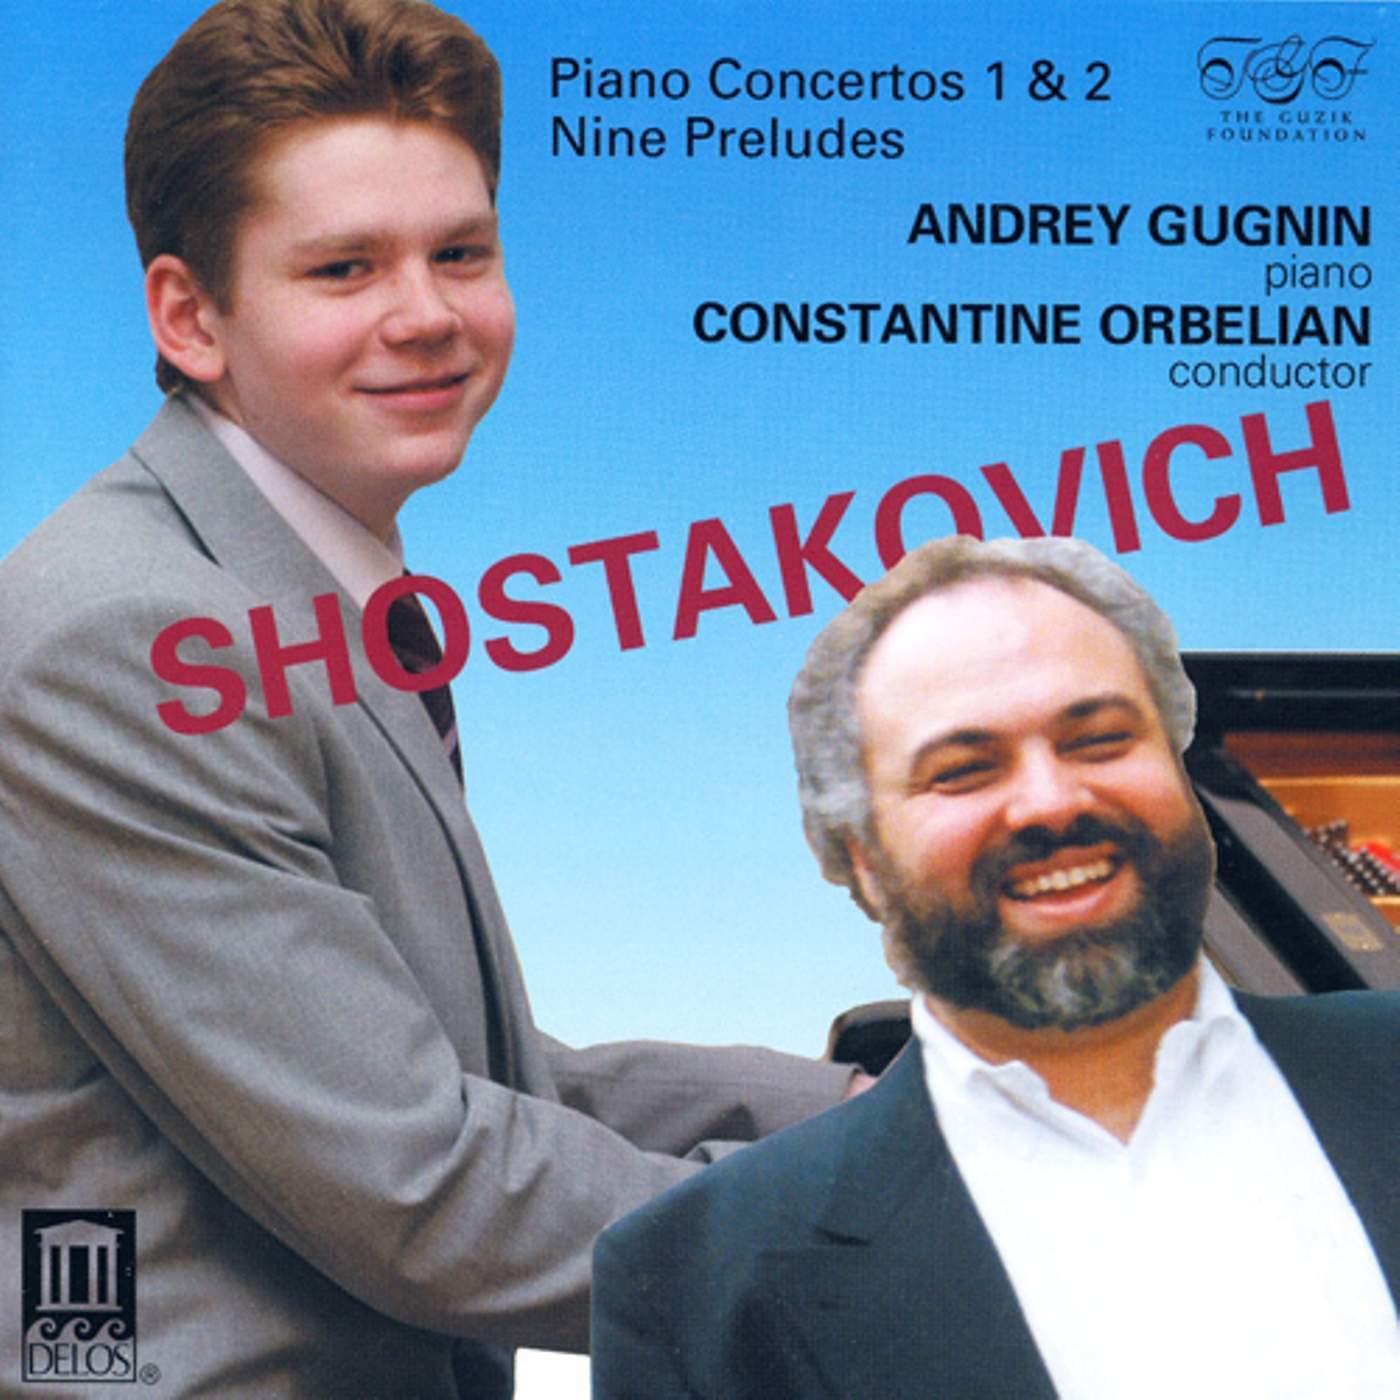 Andrey Gugnin | Shostakovich Piano Concertos 1 & 2; 9 Preludes